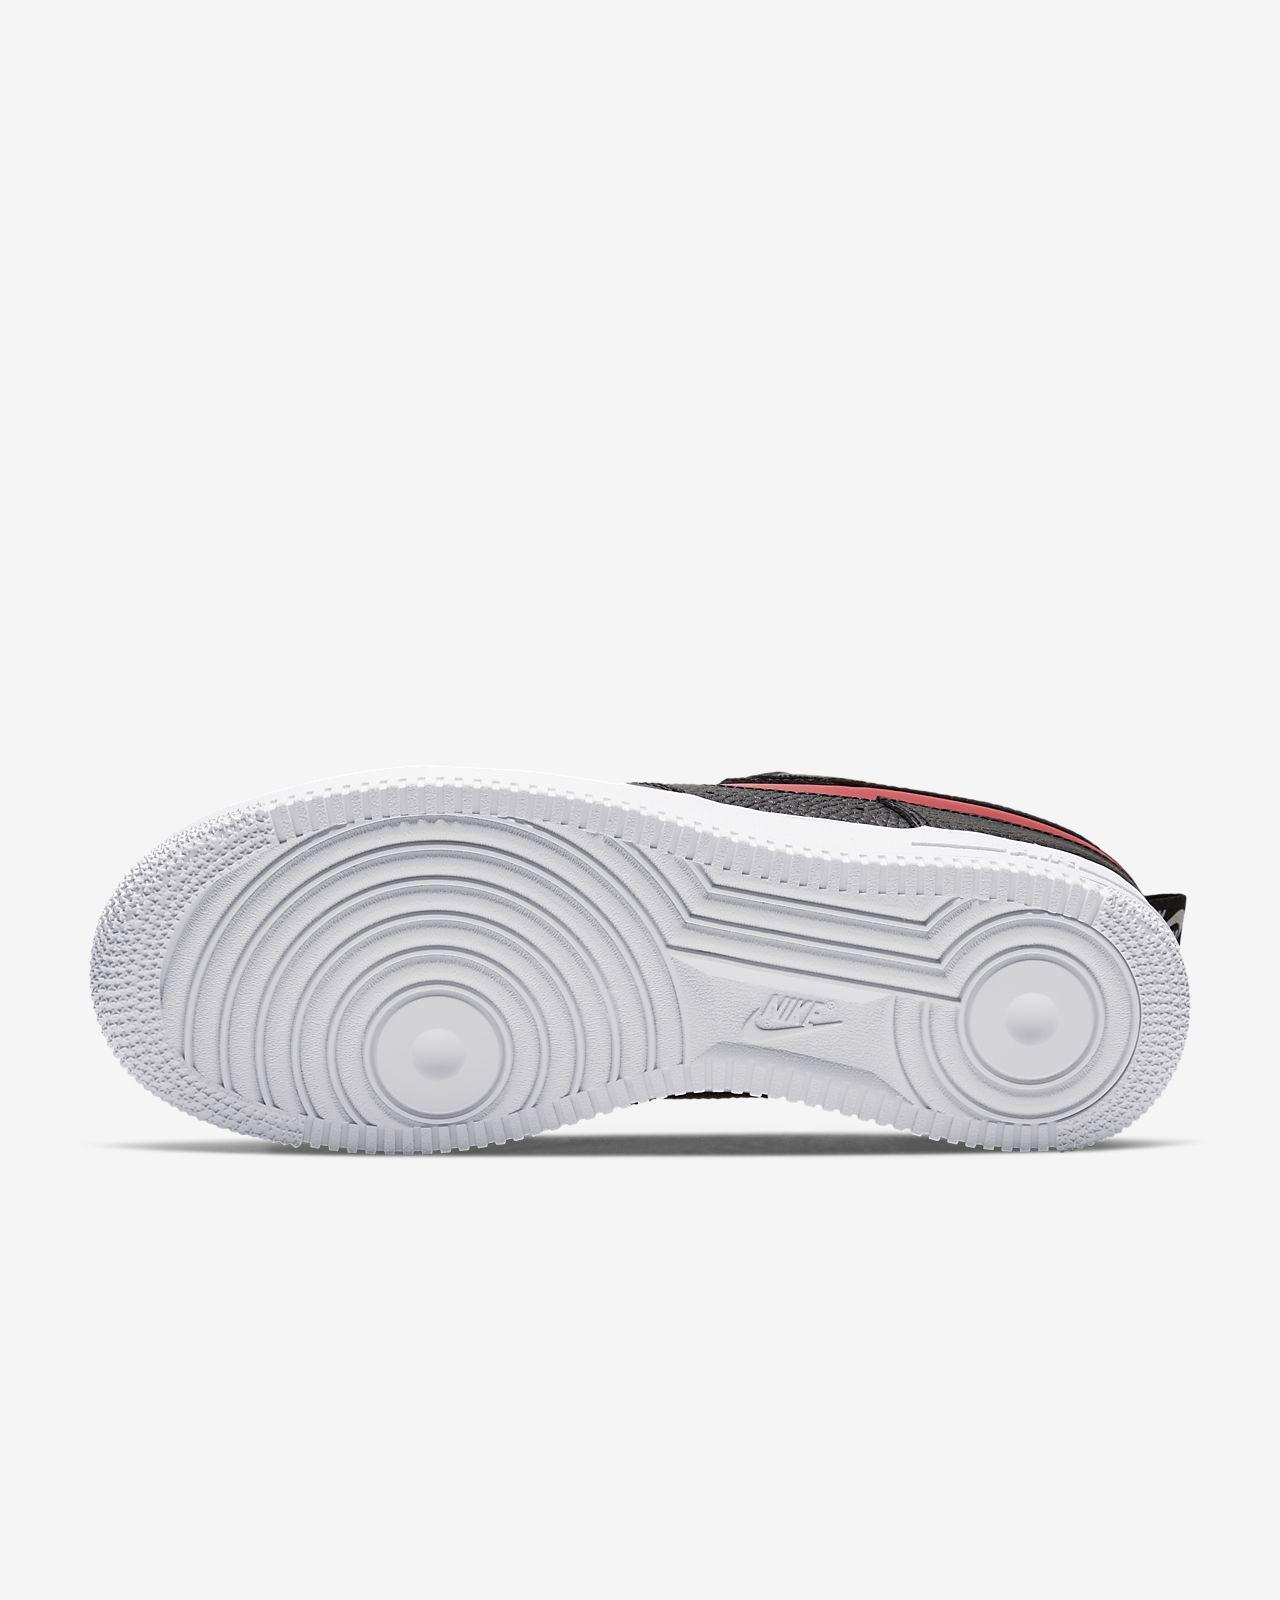 Nike Air Force 1 LV8 2 shoes maroon maroon black